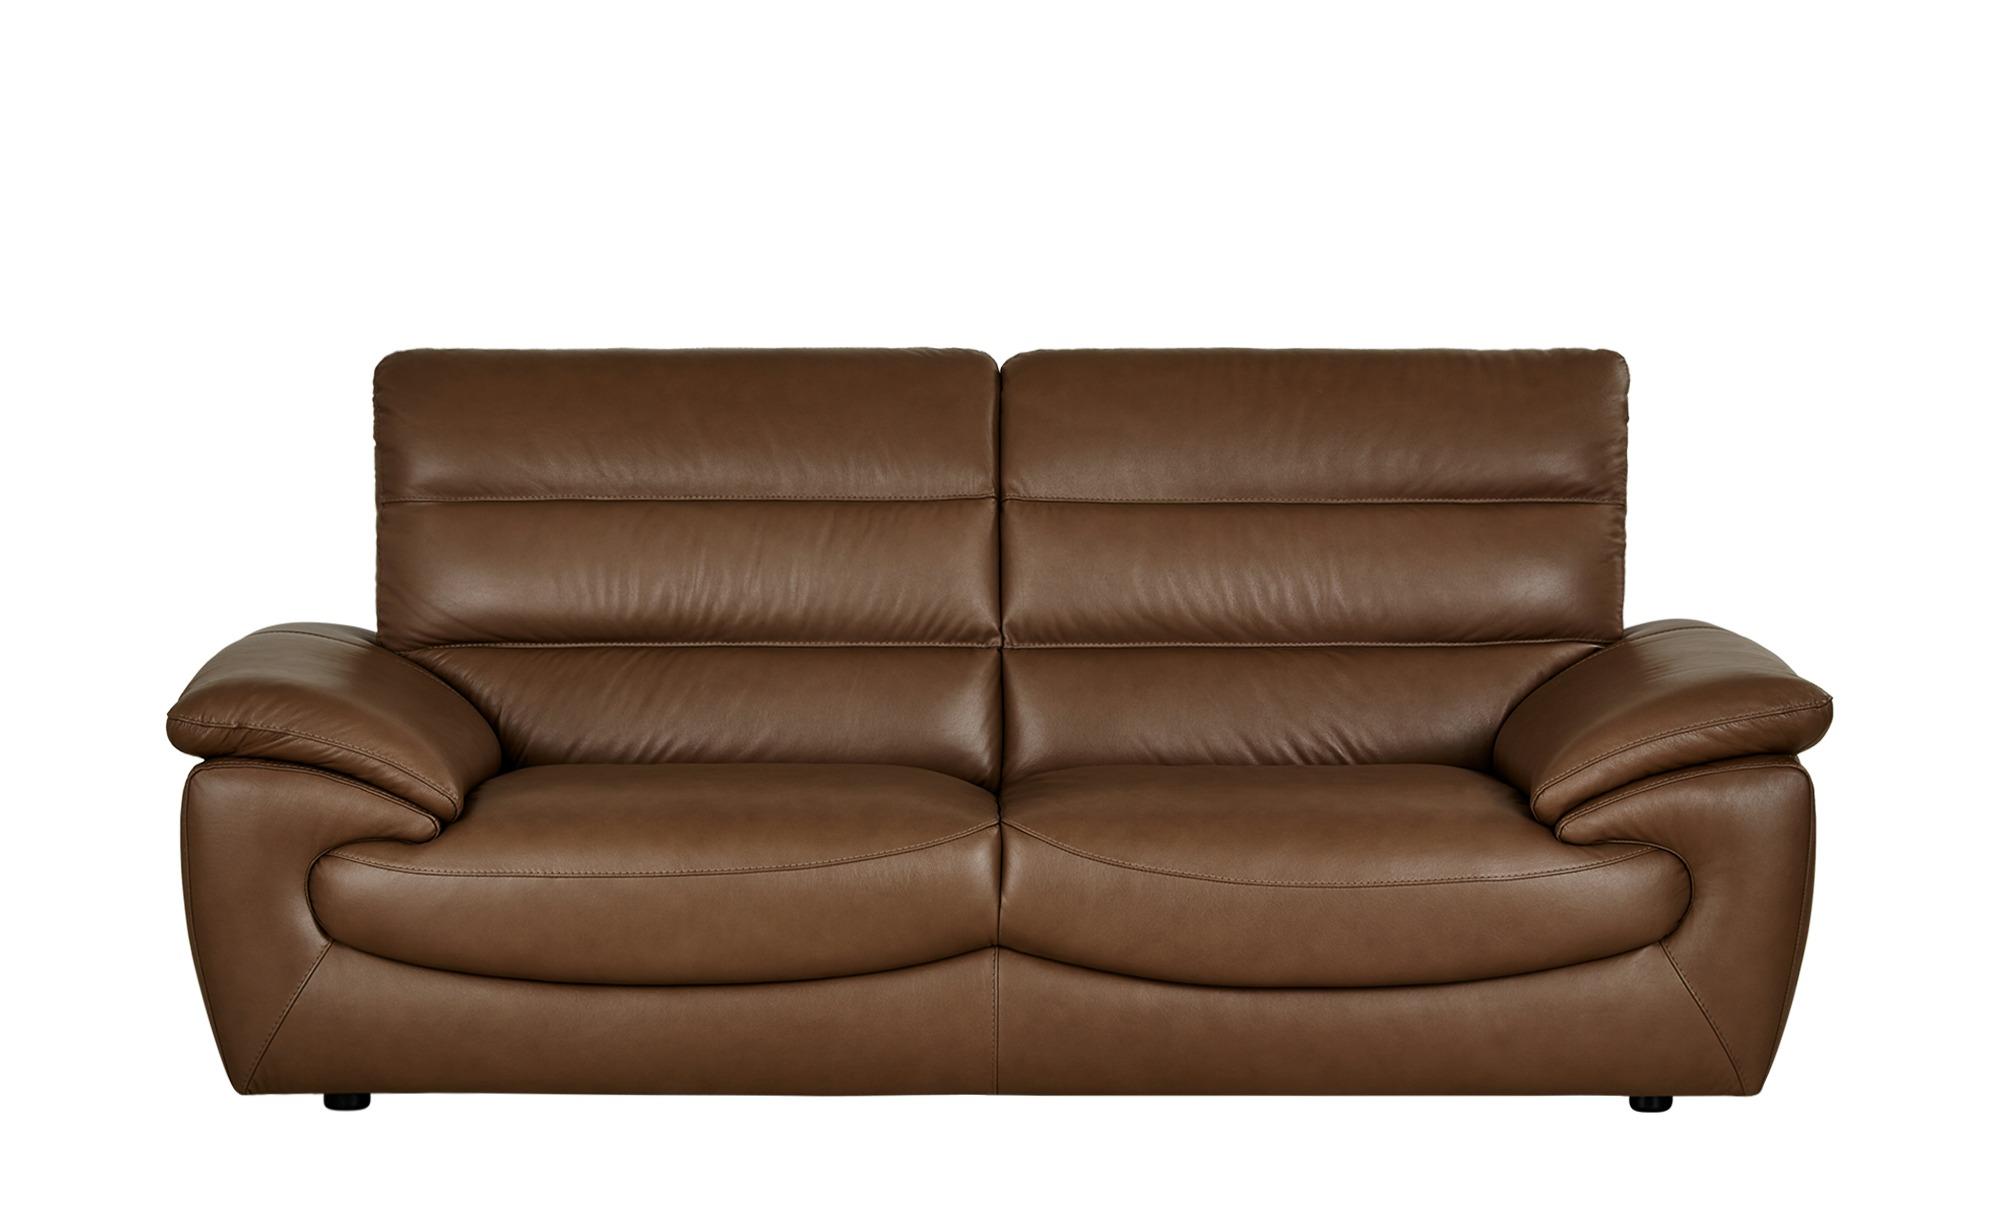 sofa carrie breite 210 cm h he 95 cm braun online kaufen bei woonio. Black Bedroom Furniture Sets. Home Design Ideas